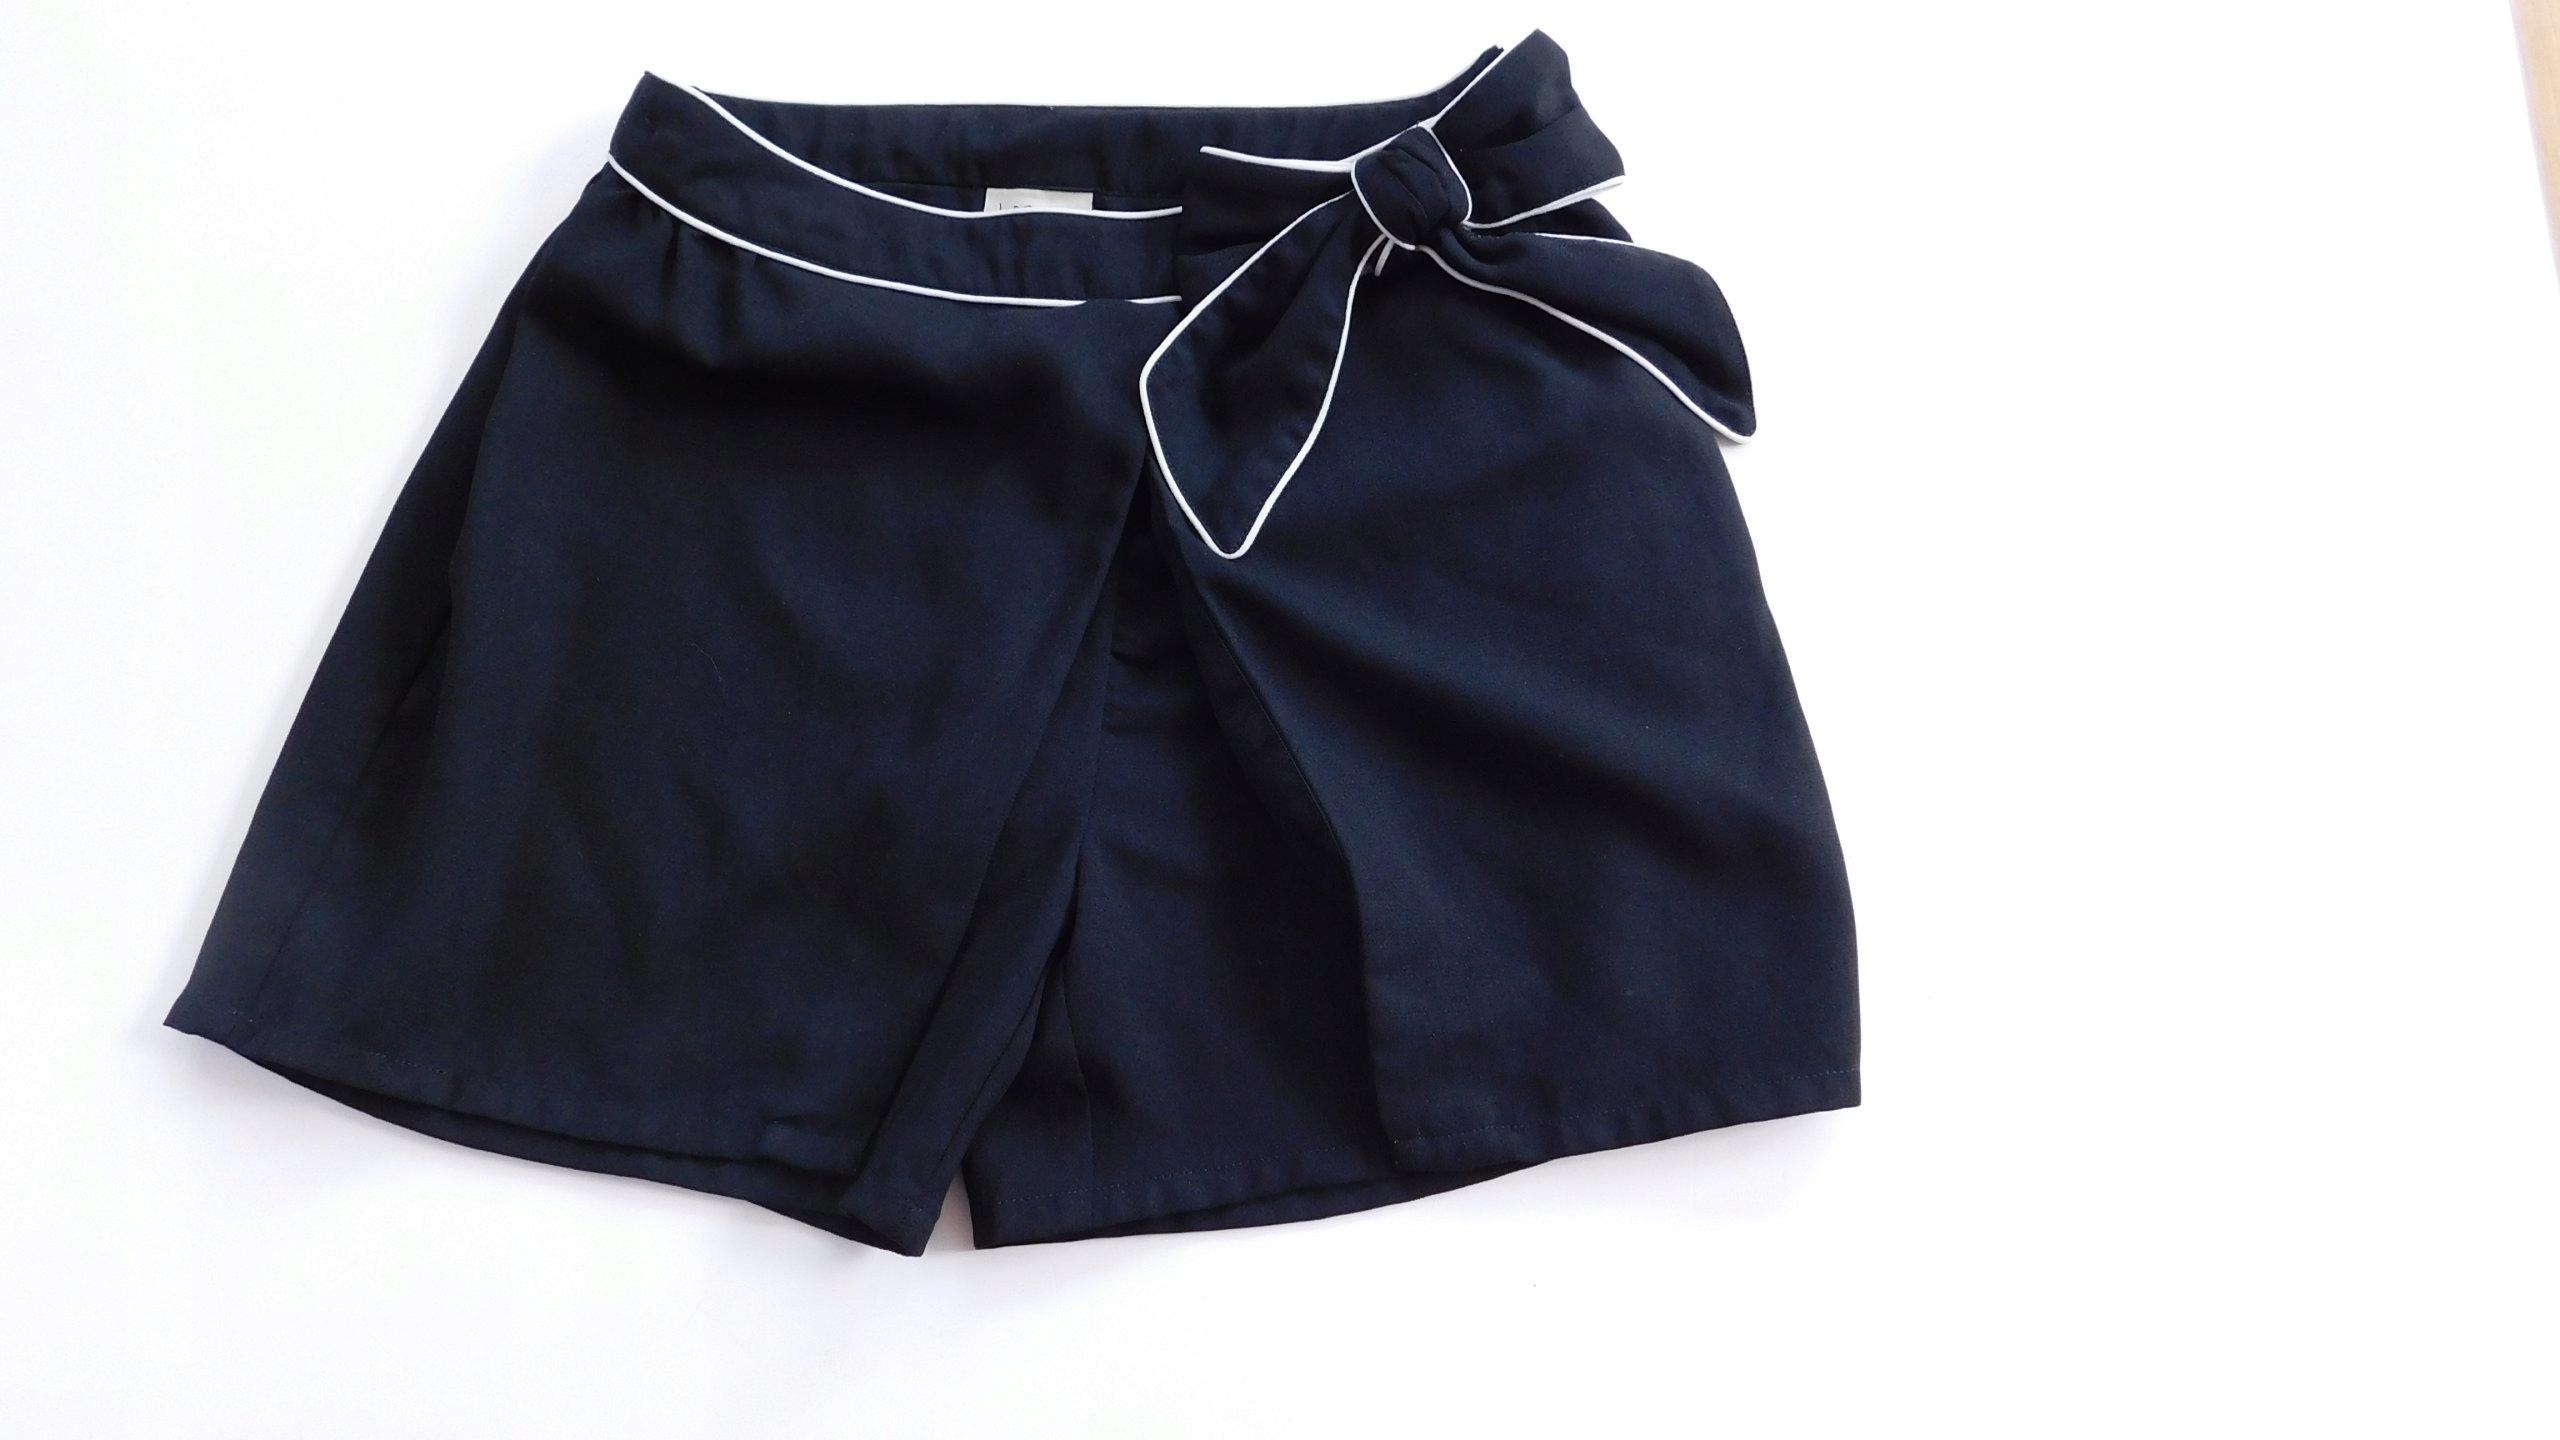 bd270292 Spódniczka czarna eleg spódnico-spodnie 12lat 152c - 7455212760 ...